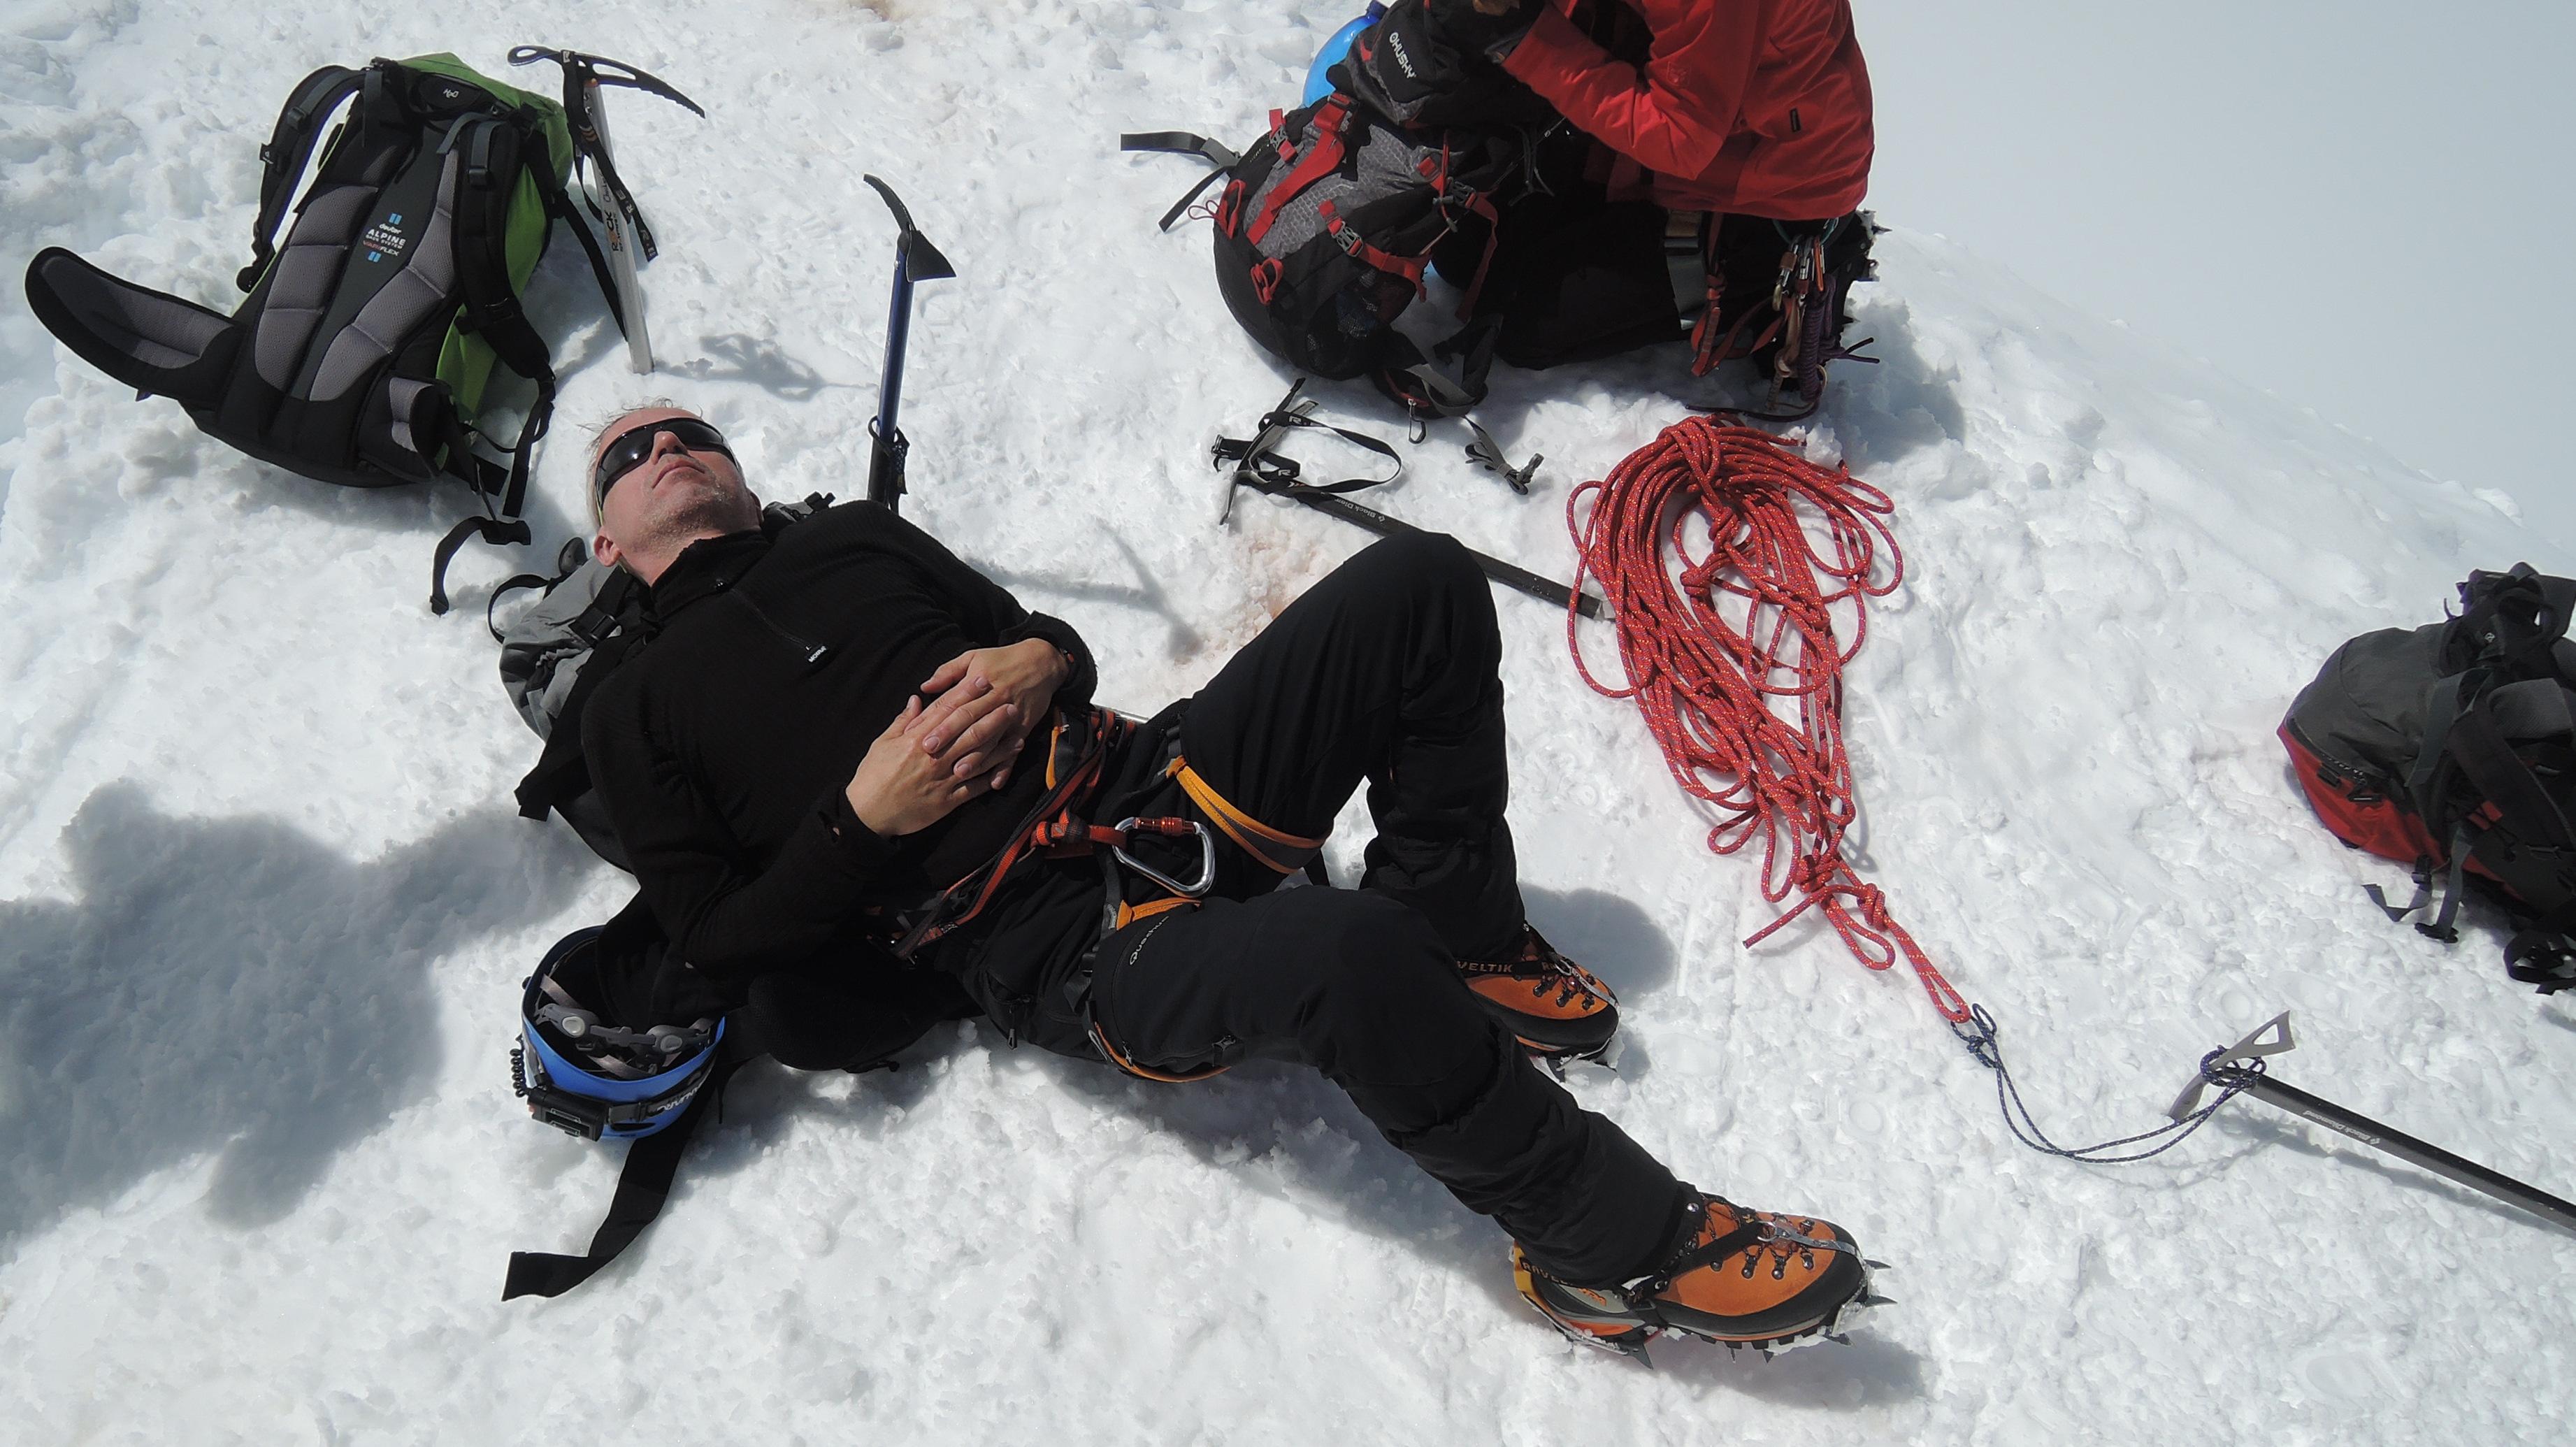 před záverečným sestupem údolím Bossonského ledovce